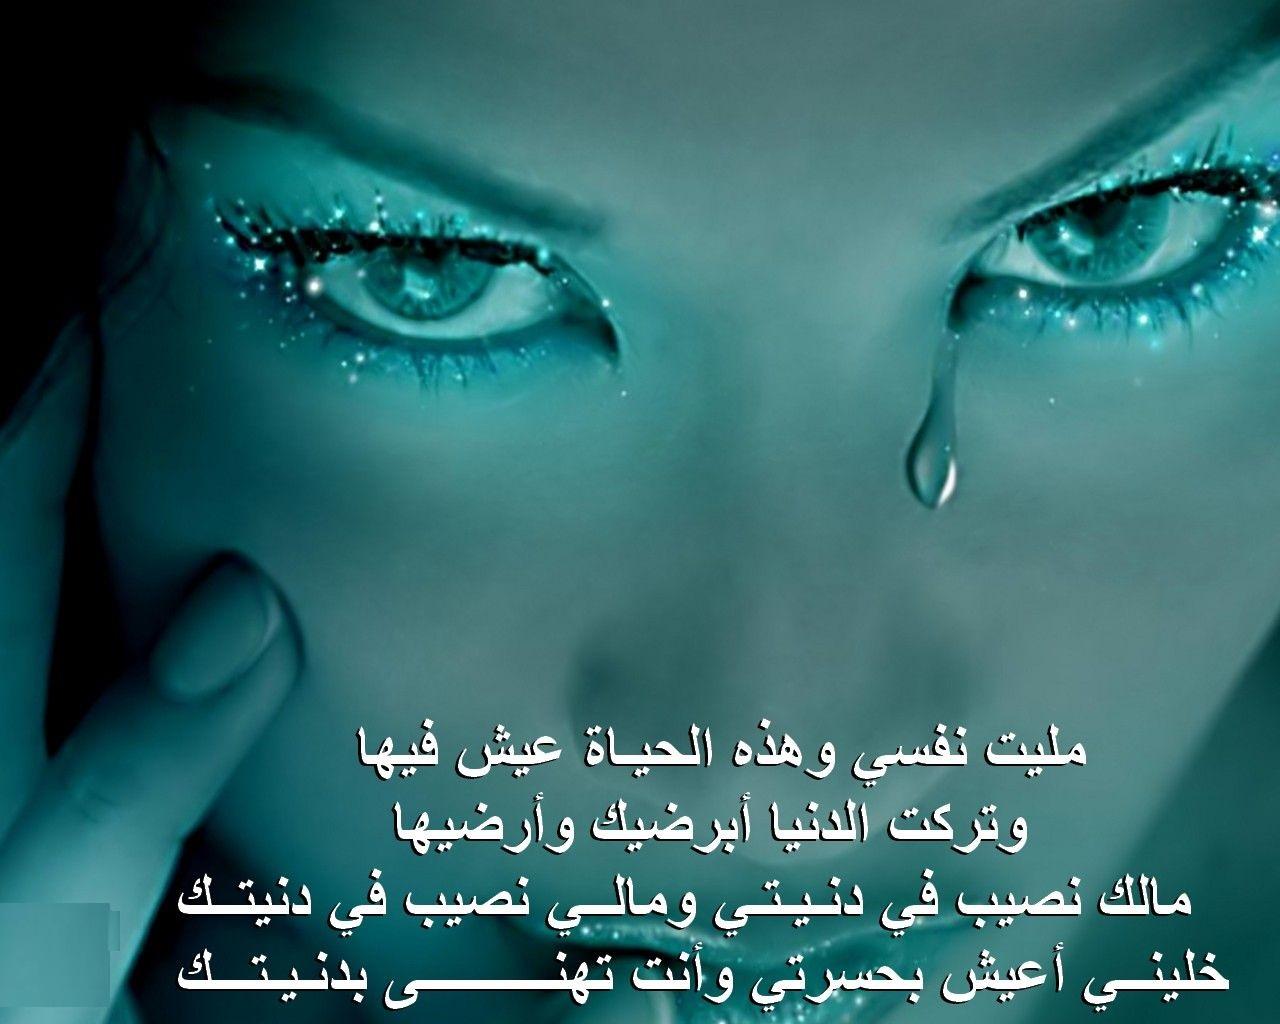 بالصور كلام حزين جدا يبكي قصير , كلا حزين جدا يبكى العين والقلب قصير الكلمات 6051